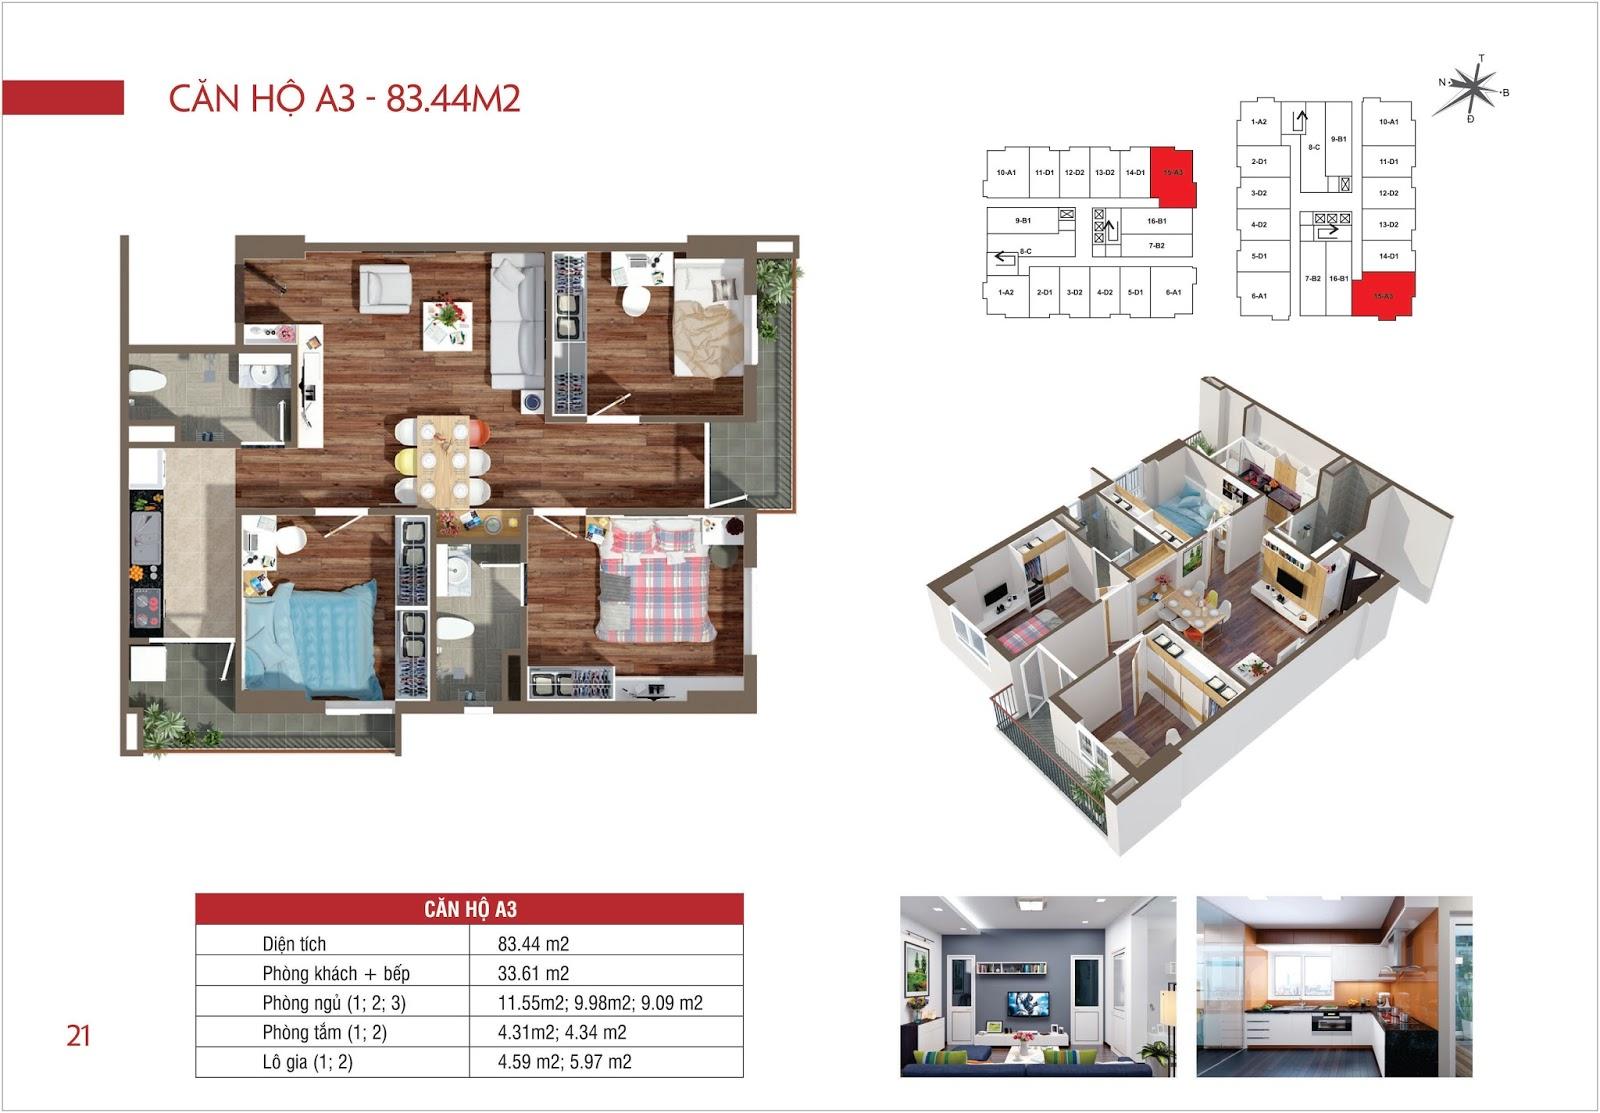 Căn hộ A3 - 83,44 m2 chung cư Lộc Ninh Singashine